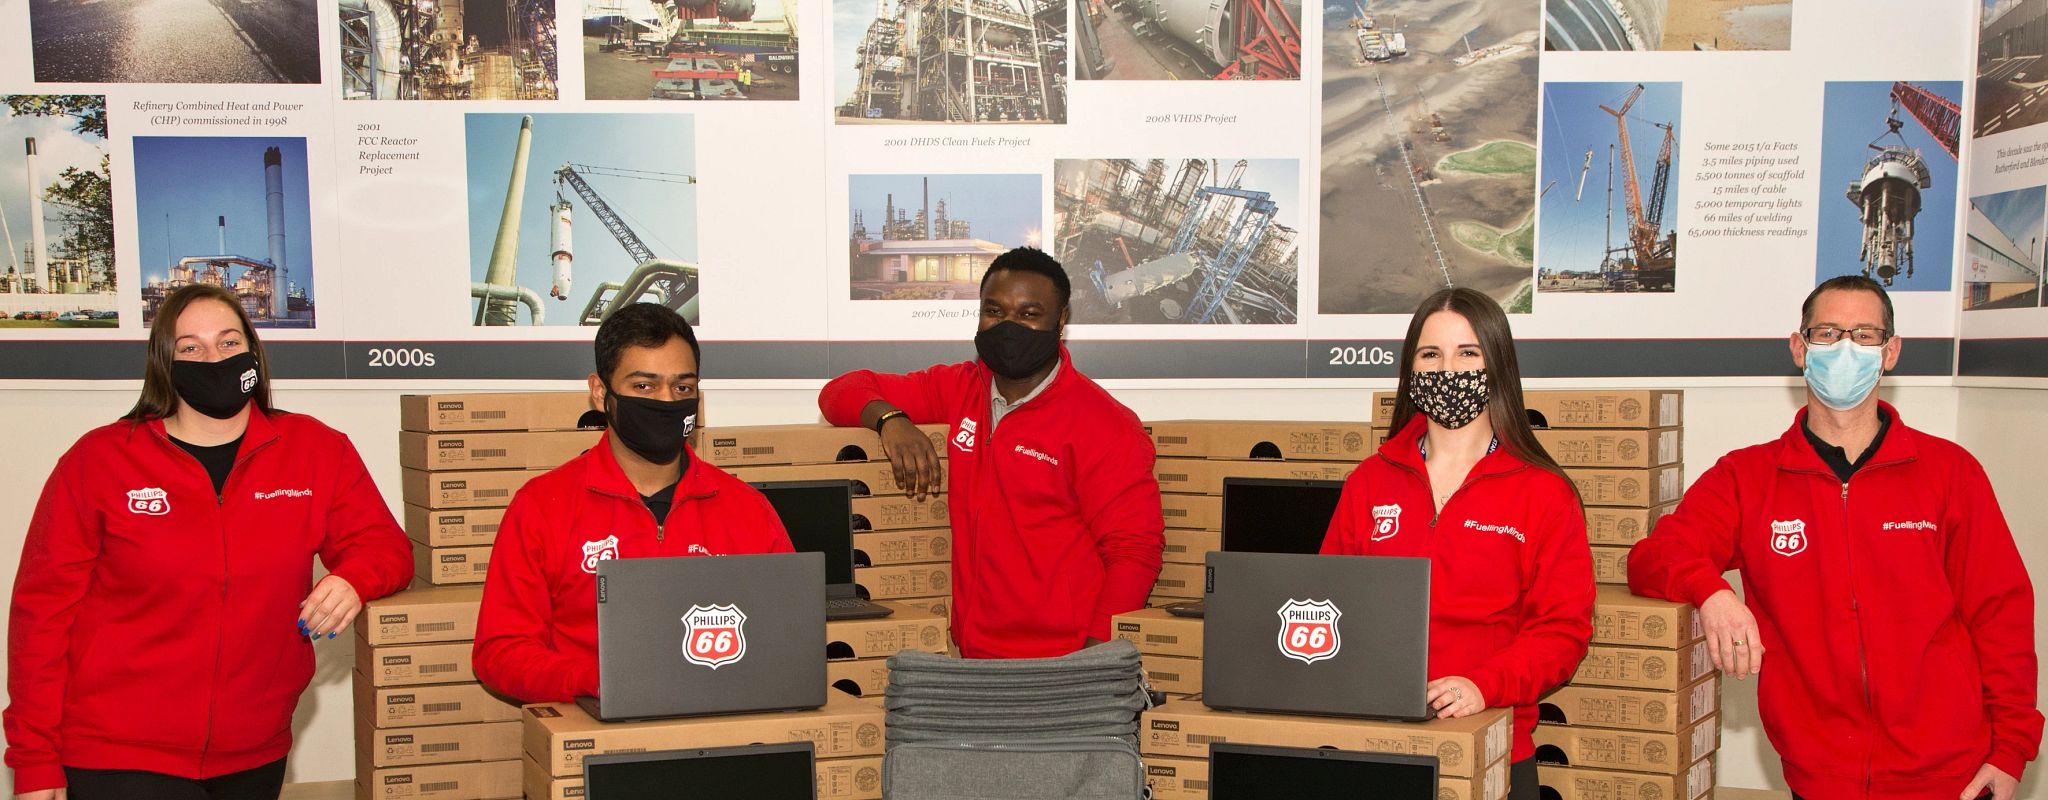 Humber Refinery Volunteers laptop delivery.jpg